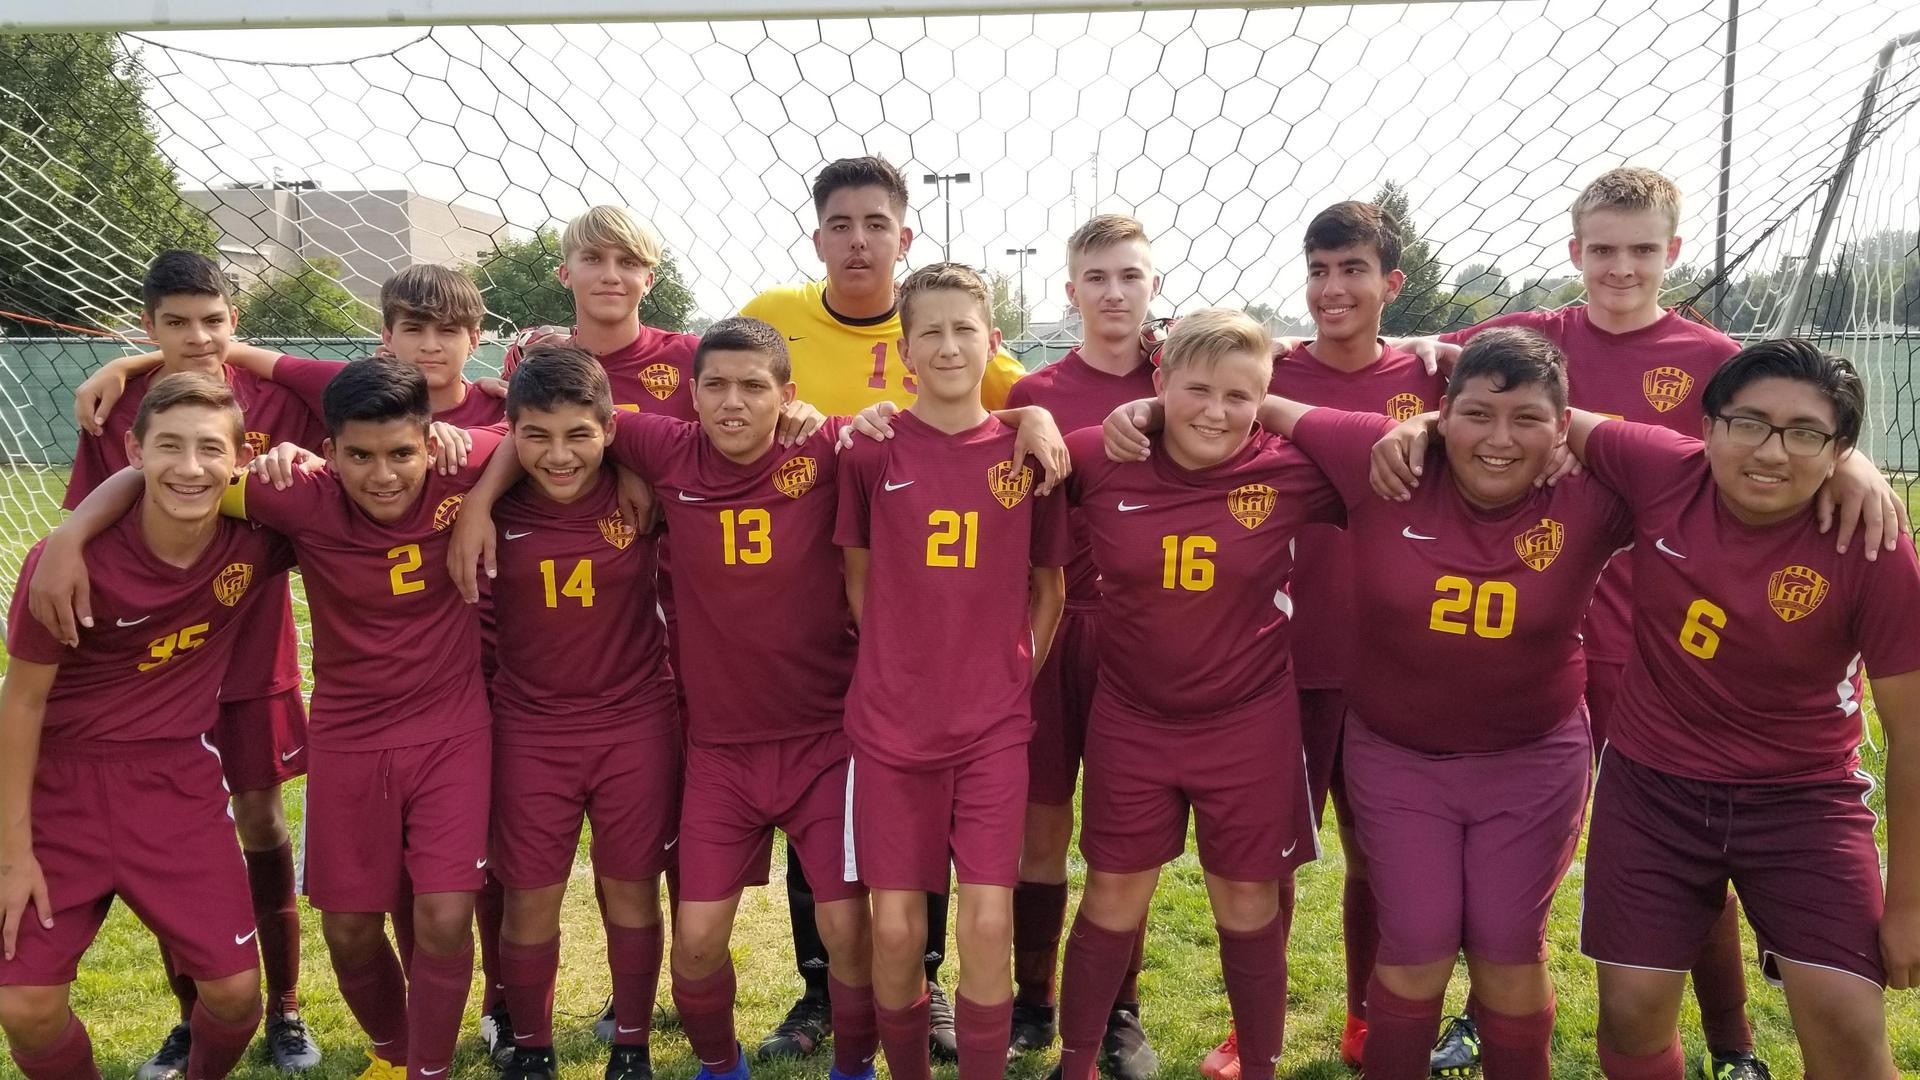 2021-22 JV Soccer Team